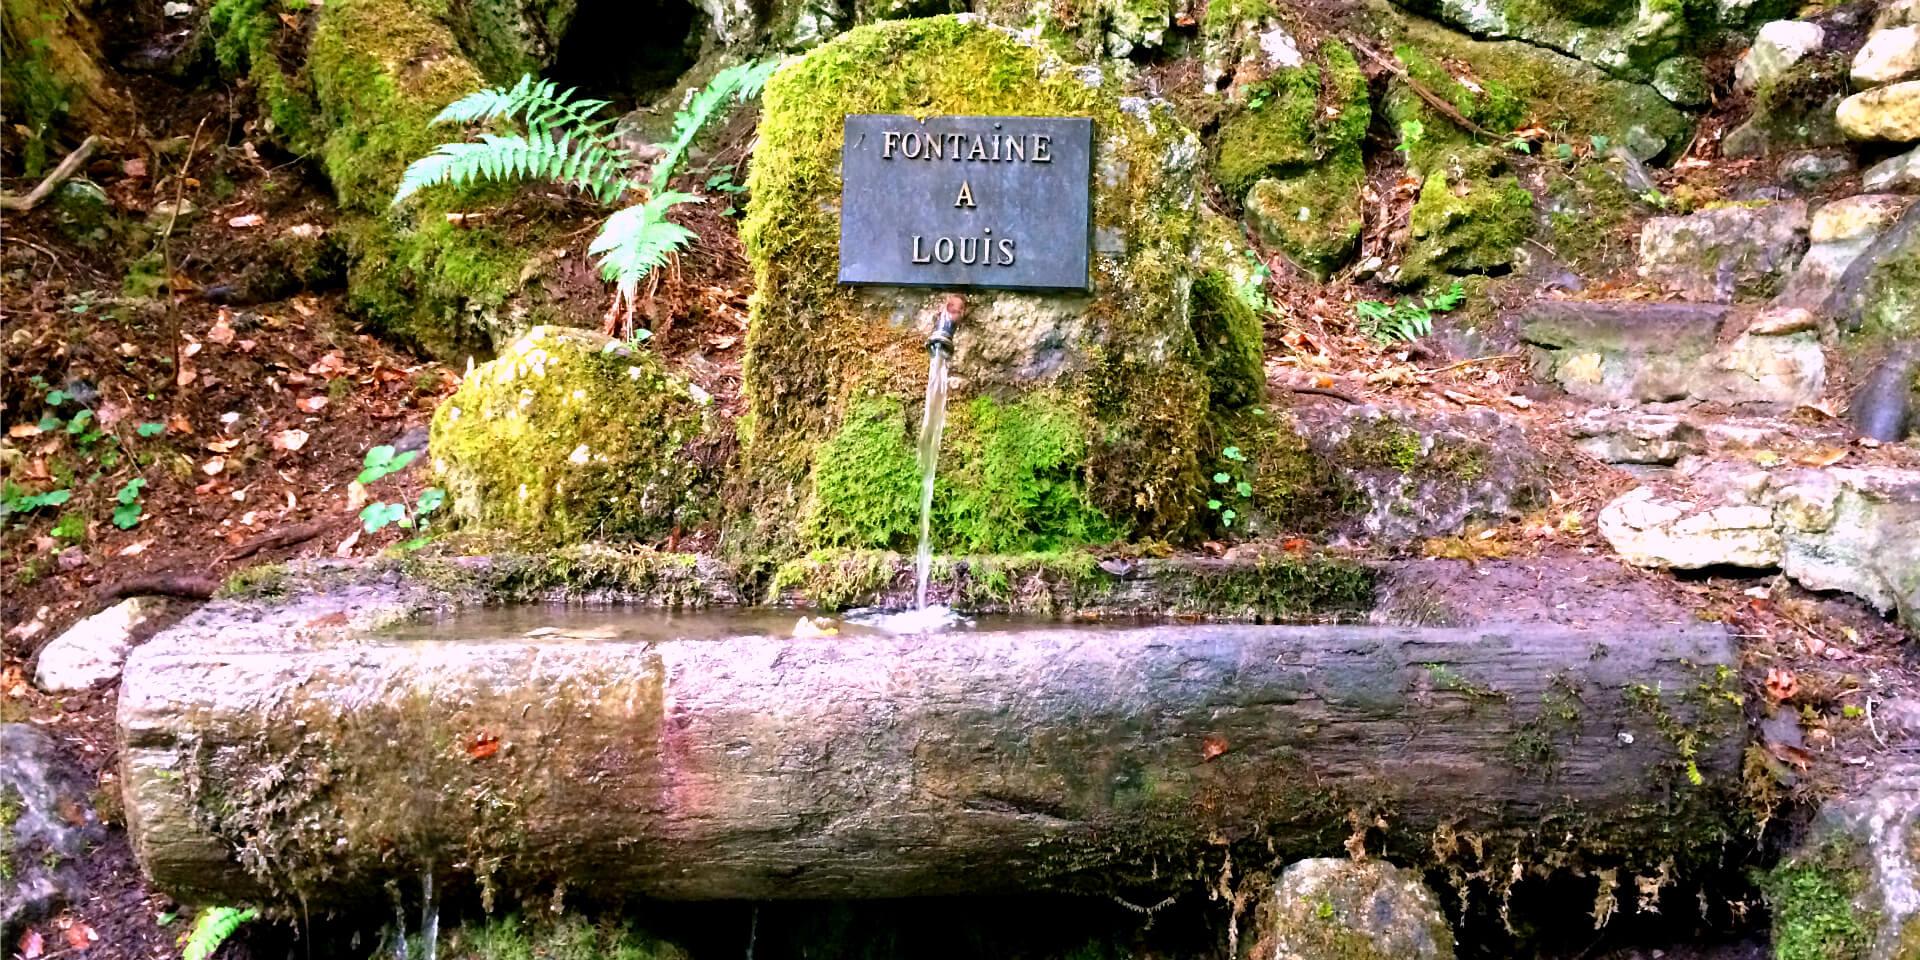 La Fontaine à Louis sur la Route de l'Absinthe près de Môtiers, Suisse.